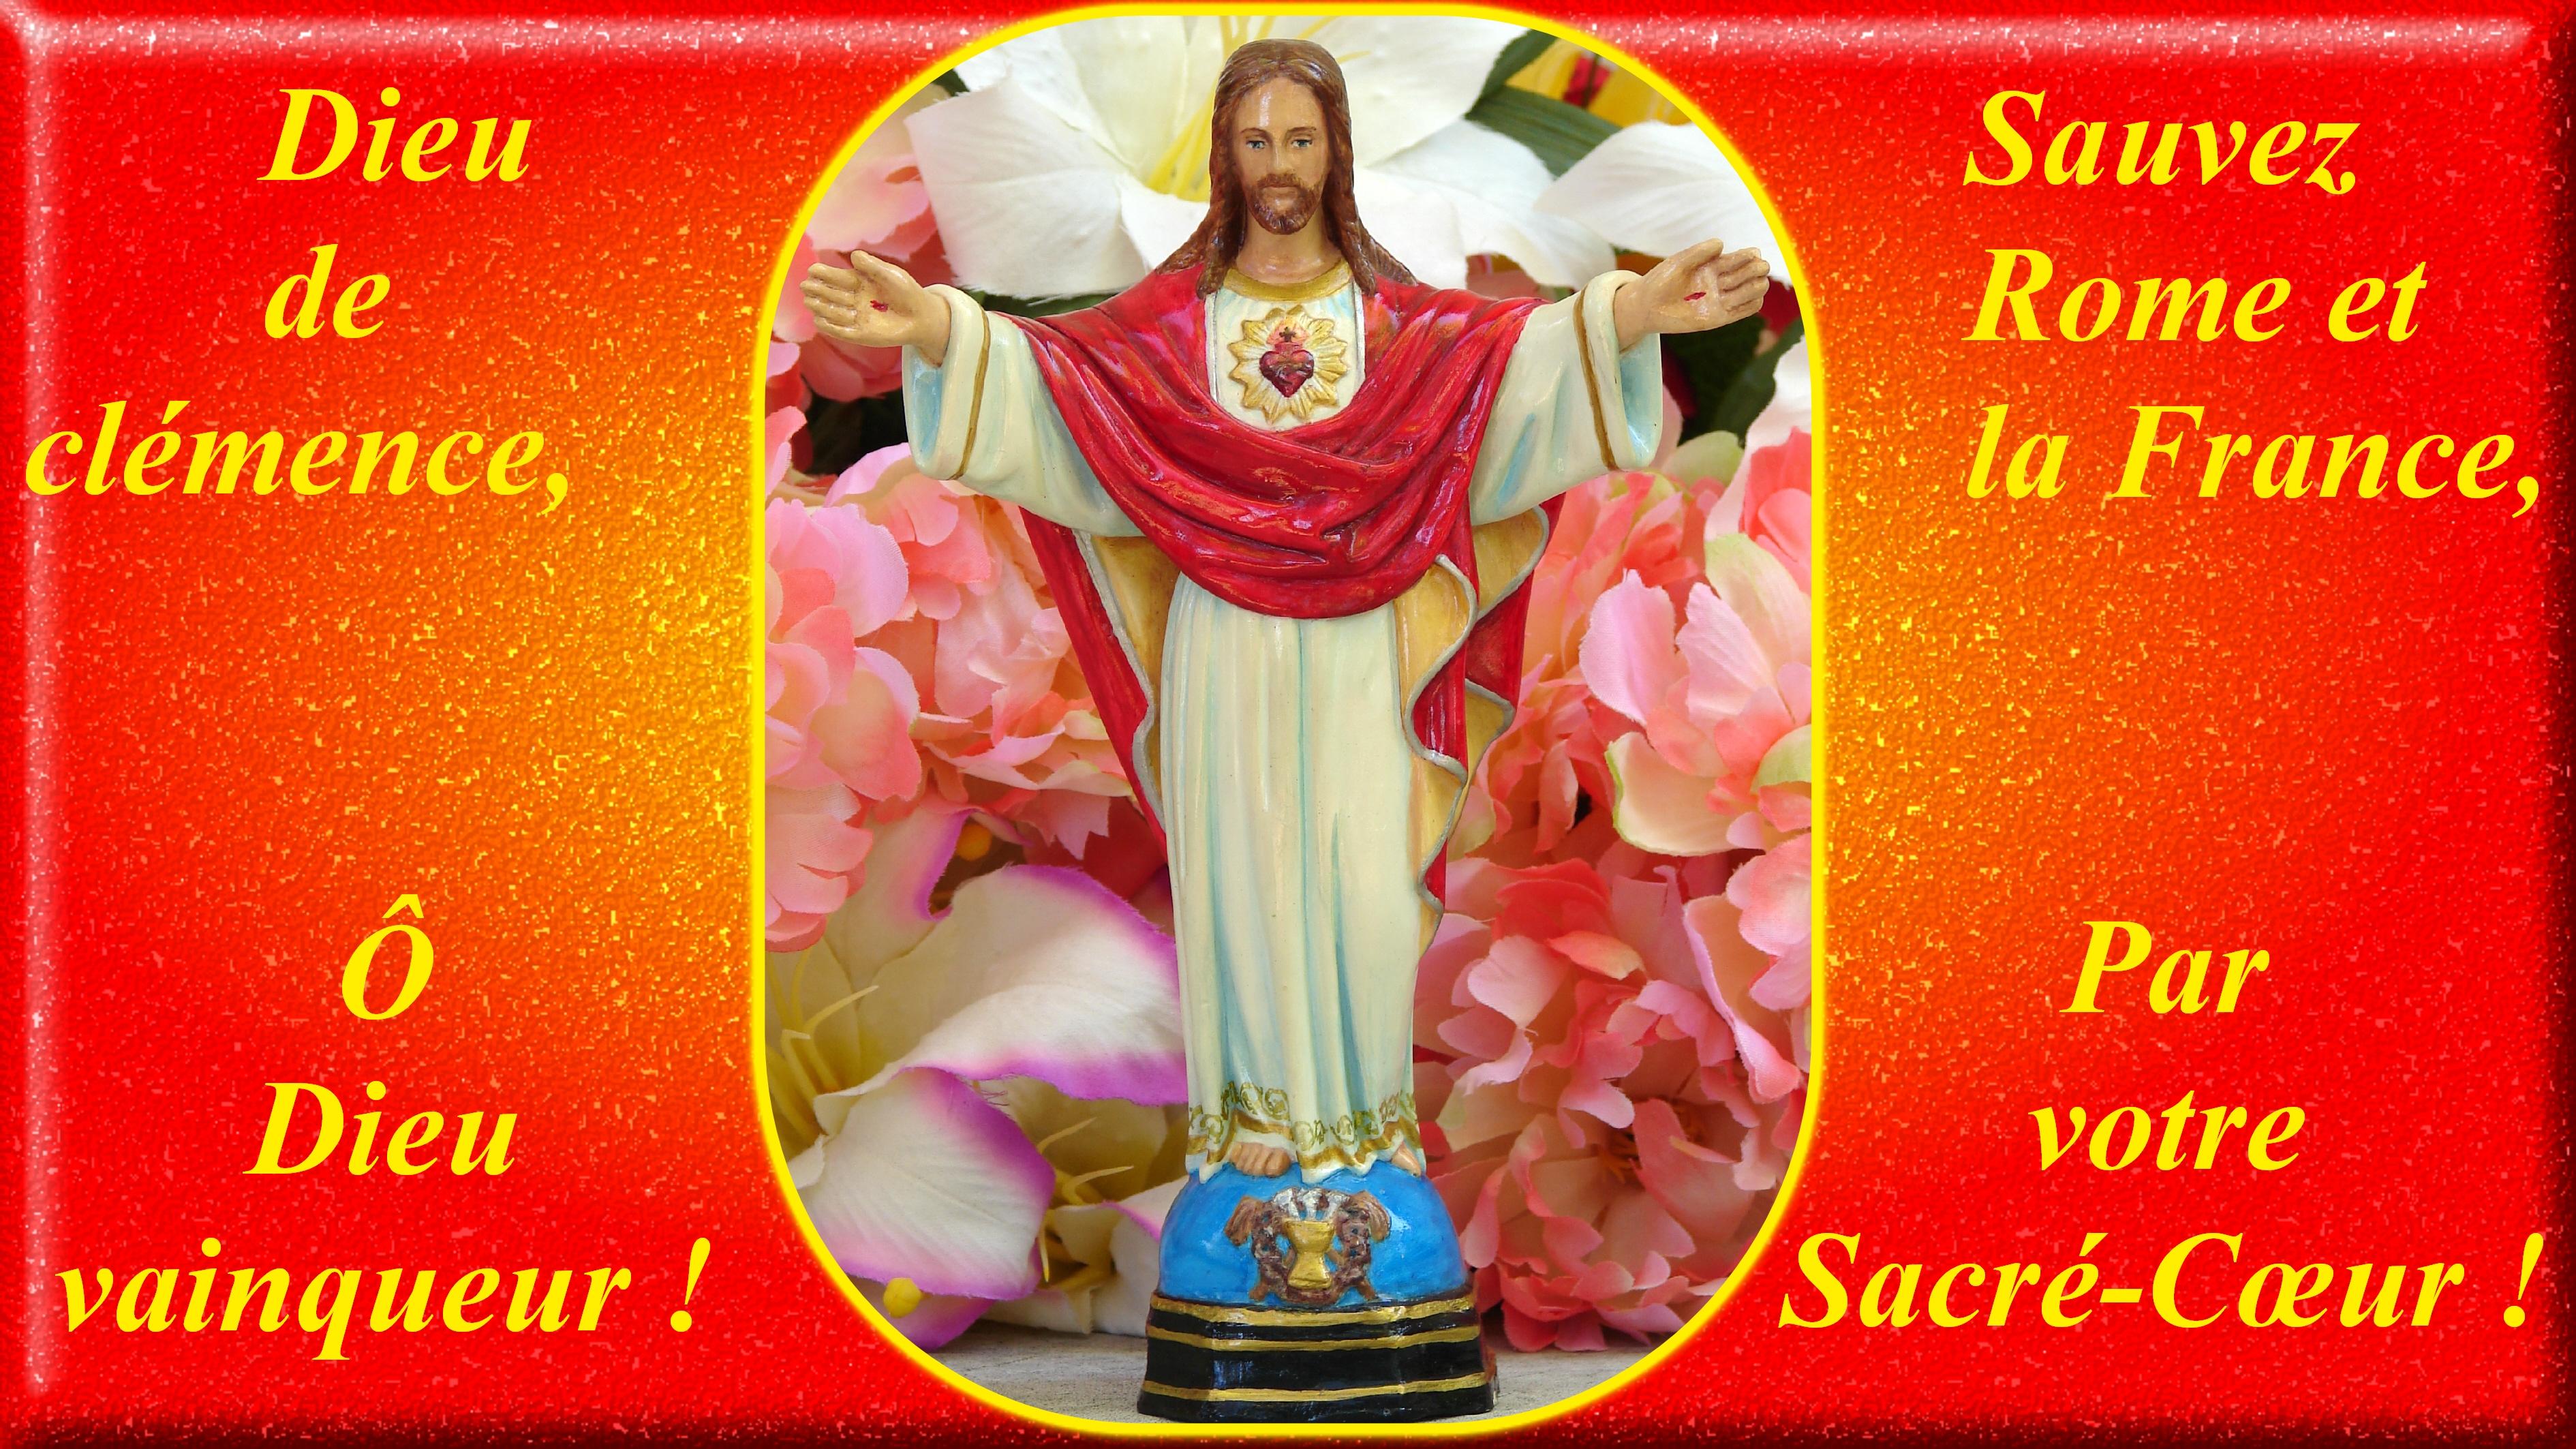 CALENDRIER CATHOLIQUE 2020 (Cantiques, Prières & Images) - Page 20 Le-sacr--coeur-de-montmartre-578db55